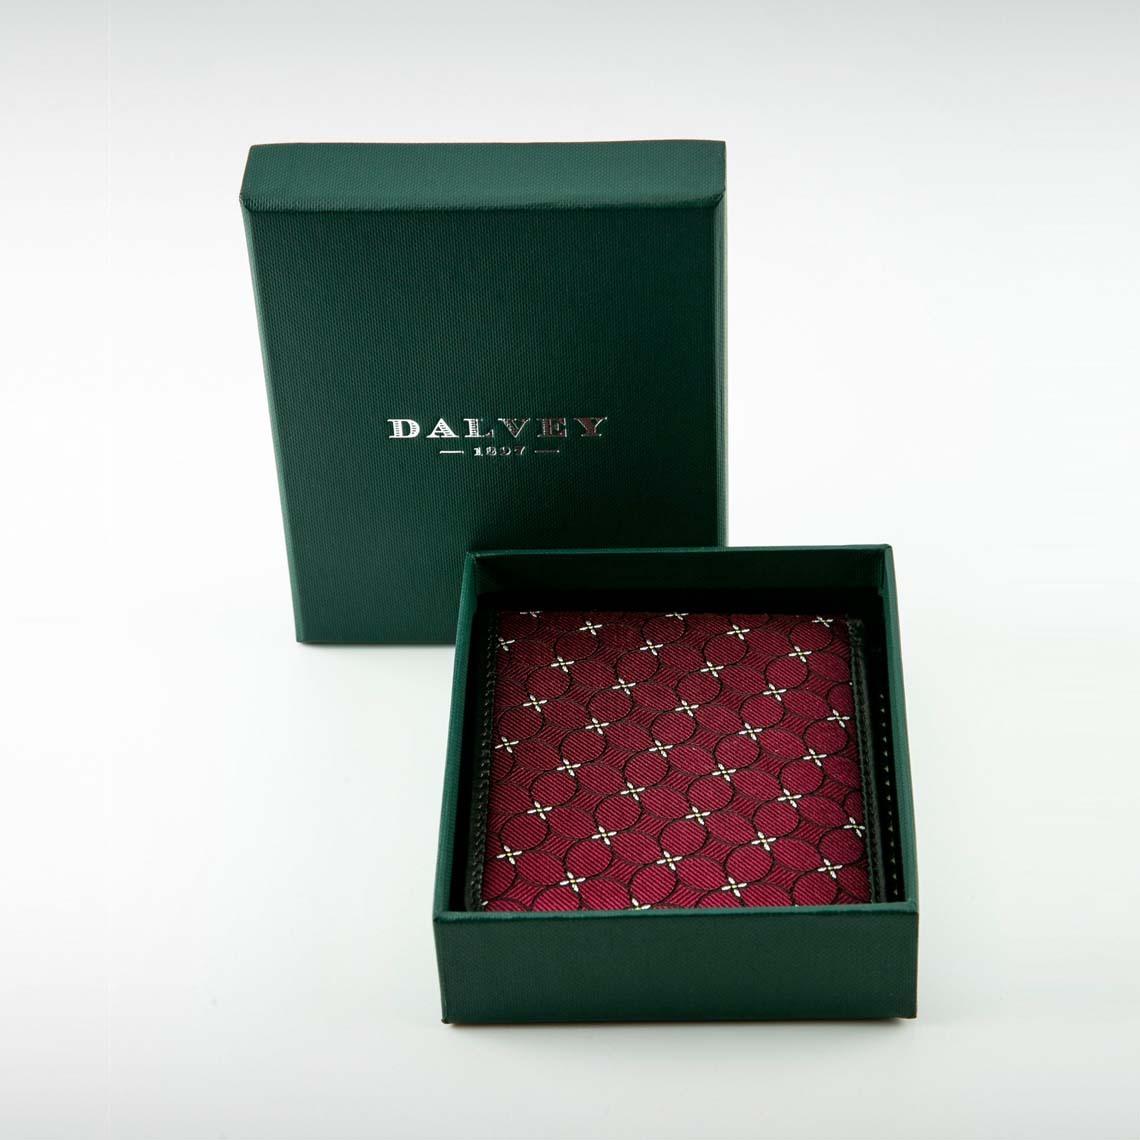 Dalvey Red Bi- Fold Wallet